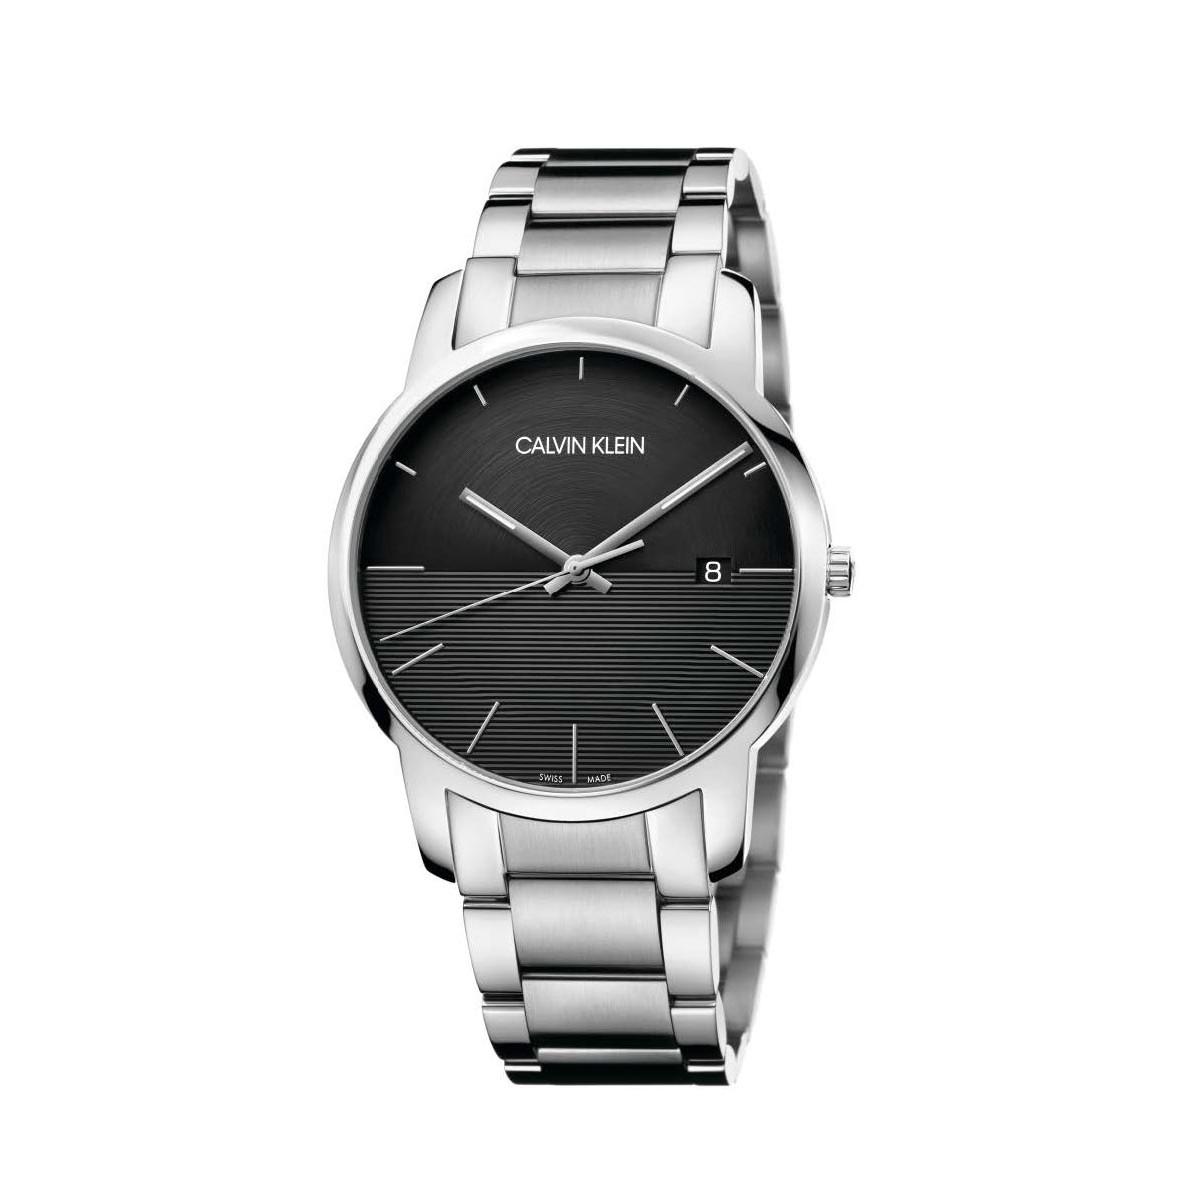 Đồng hồ Calvin Klein K2G2G14C Nam 43mm, Quartz (Pin), Thép không gỉ